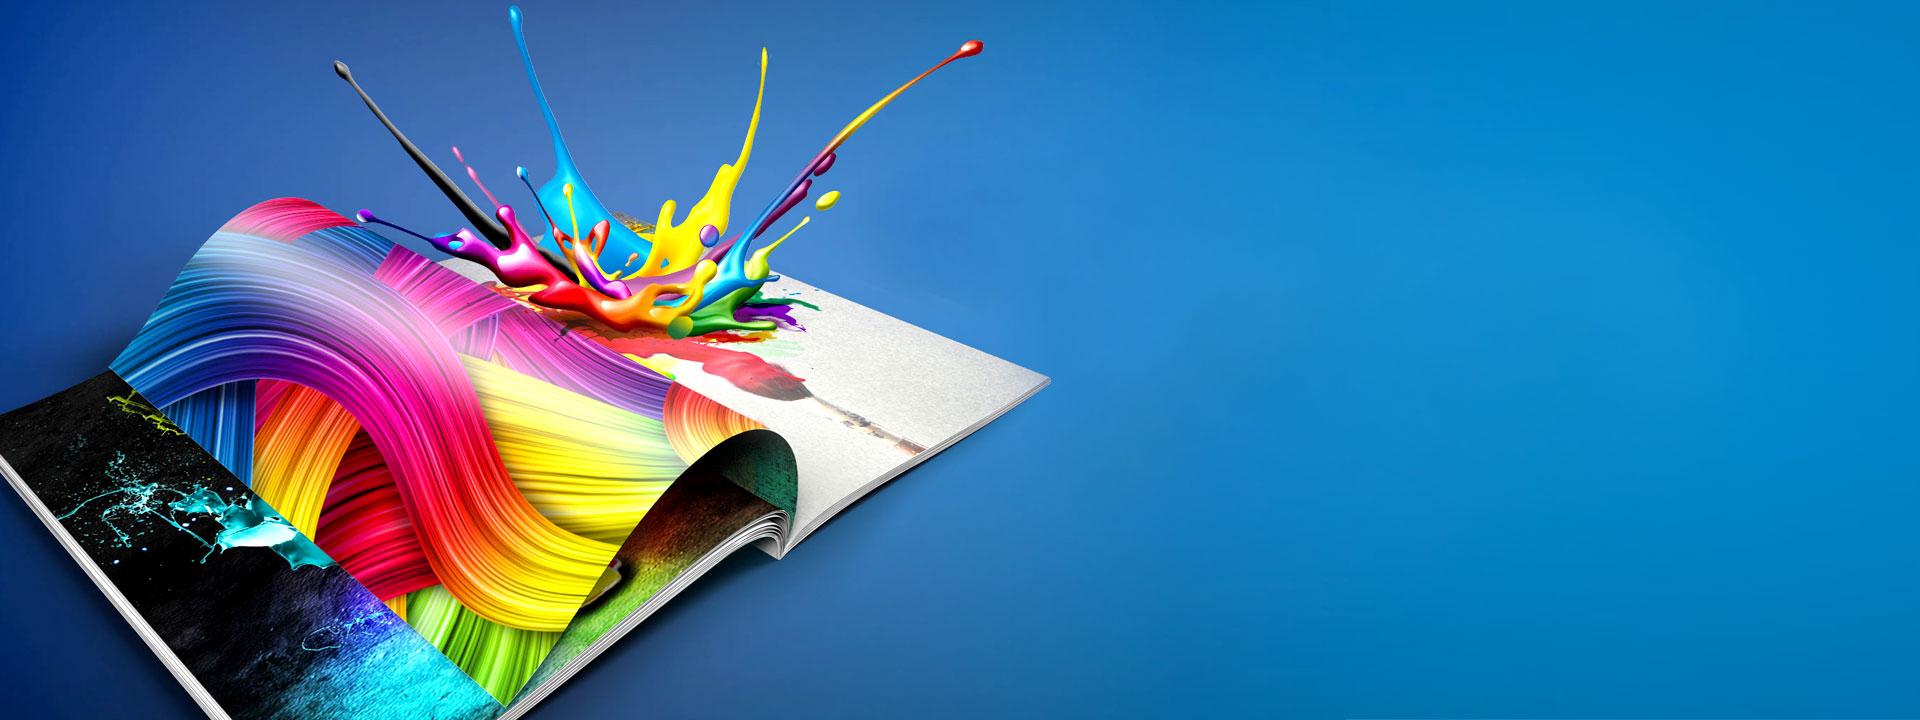 Imprimerie Color 01 : imprimer est notre métier